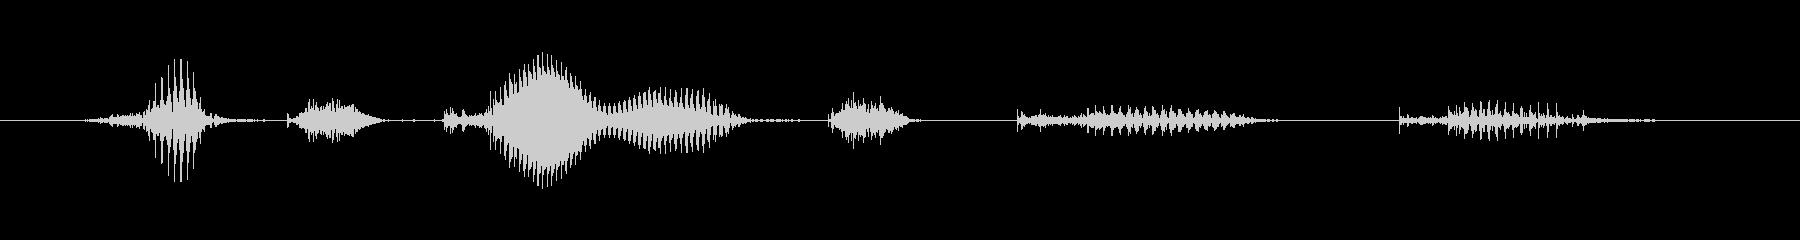 【日数・経過】8ヶ月経過 (はち)の未再生の波形